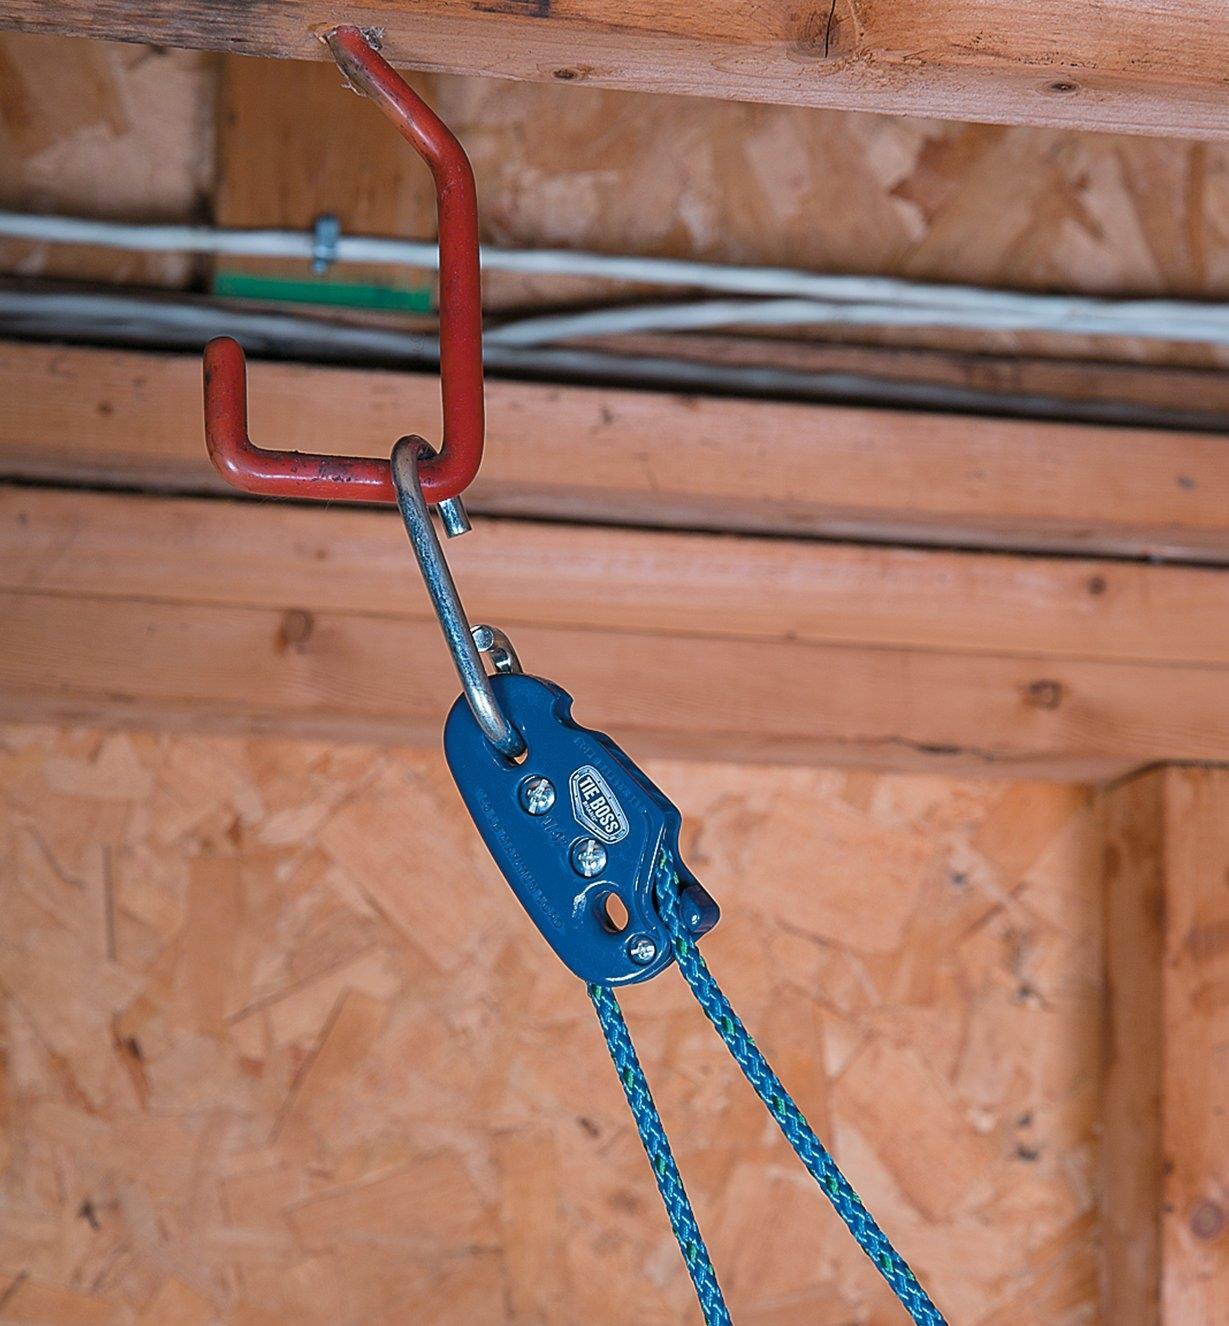 09A0165 - Tie Boss, 150 lb load